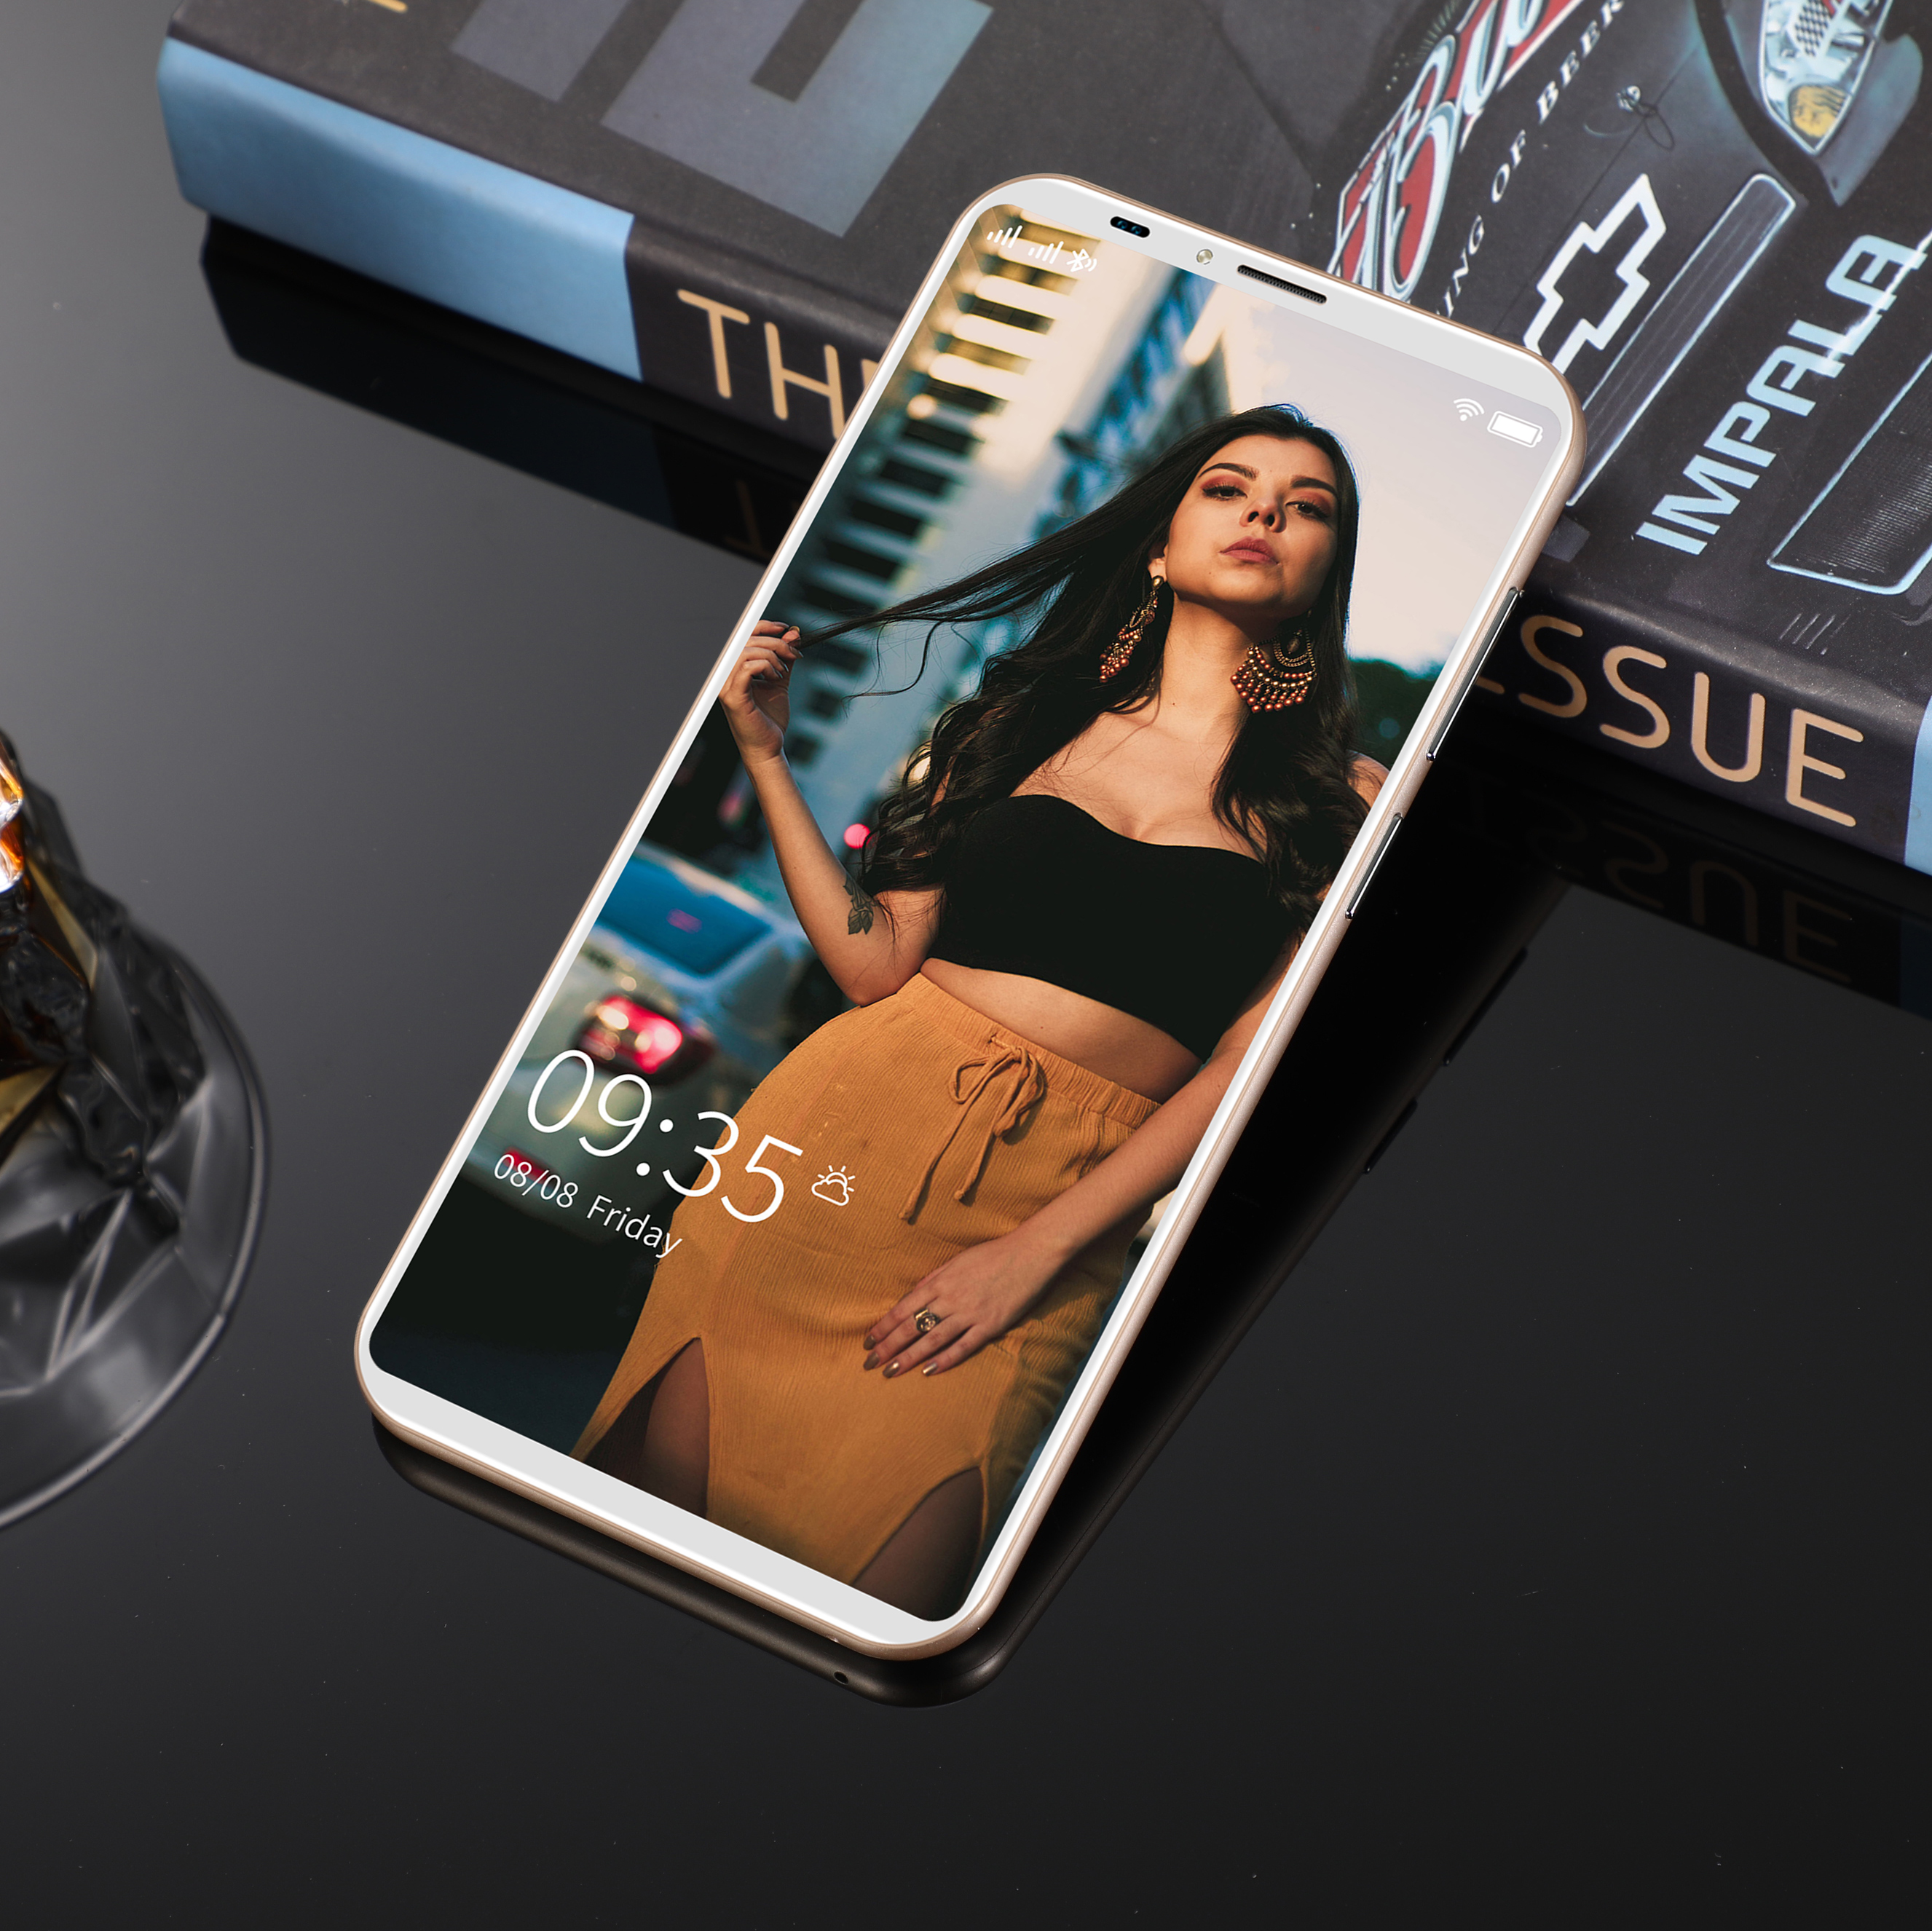 Смартфон 5i Lite, 1 + 8 Гб, 5,8 дюйма, 2 + 5 МП, 2850 мА · ч